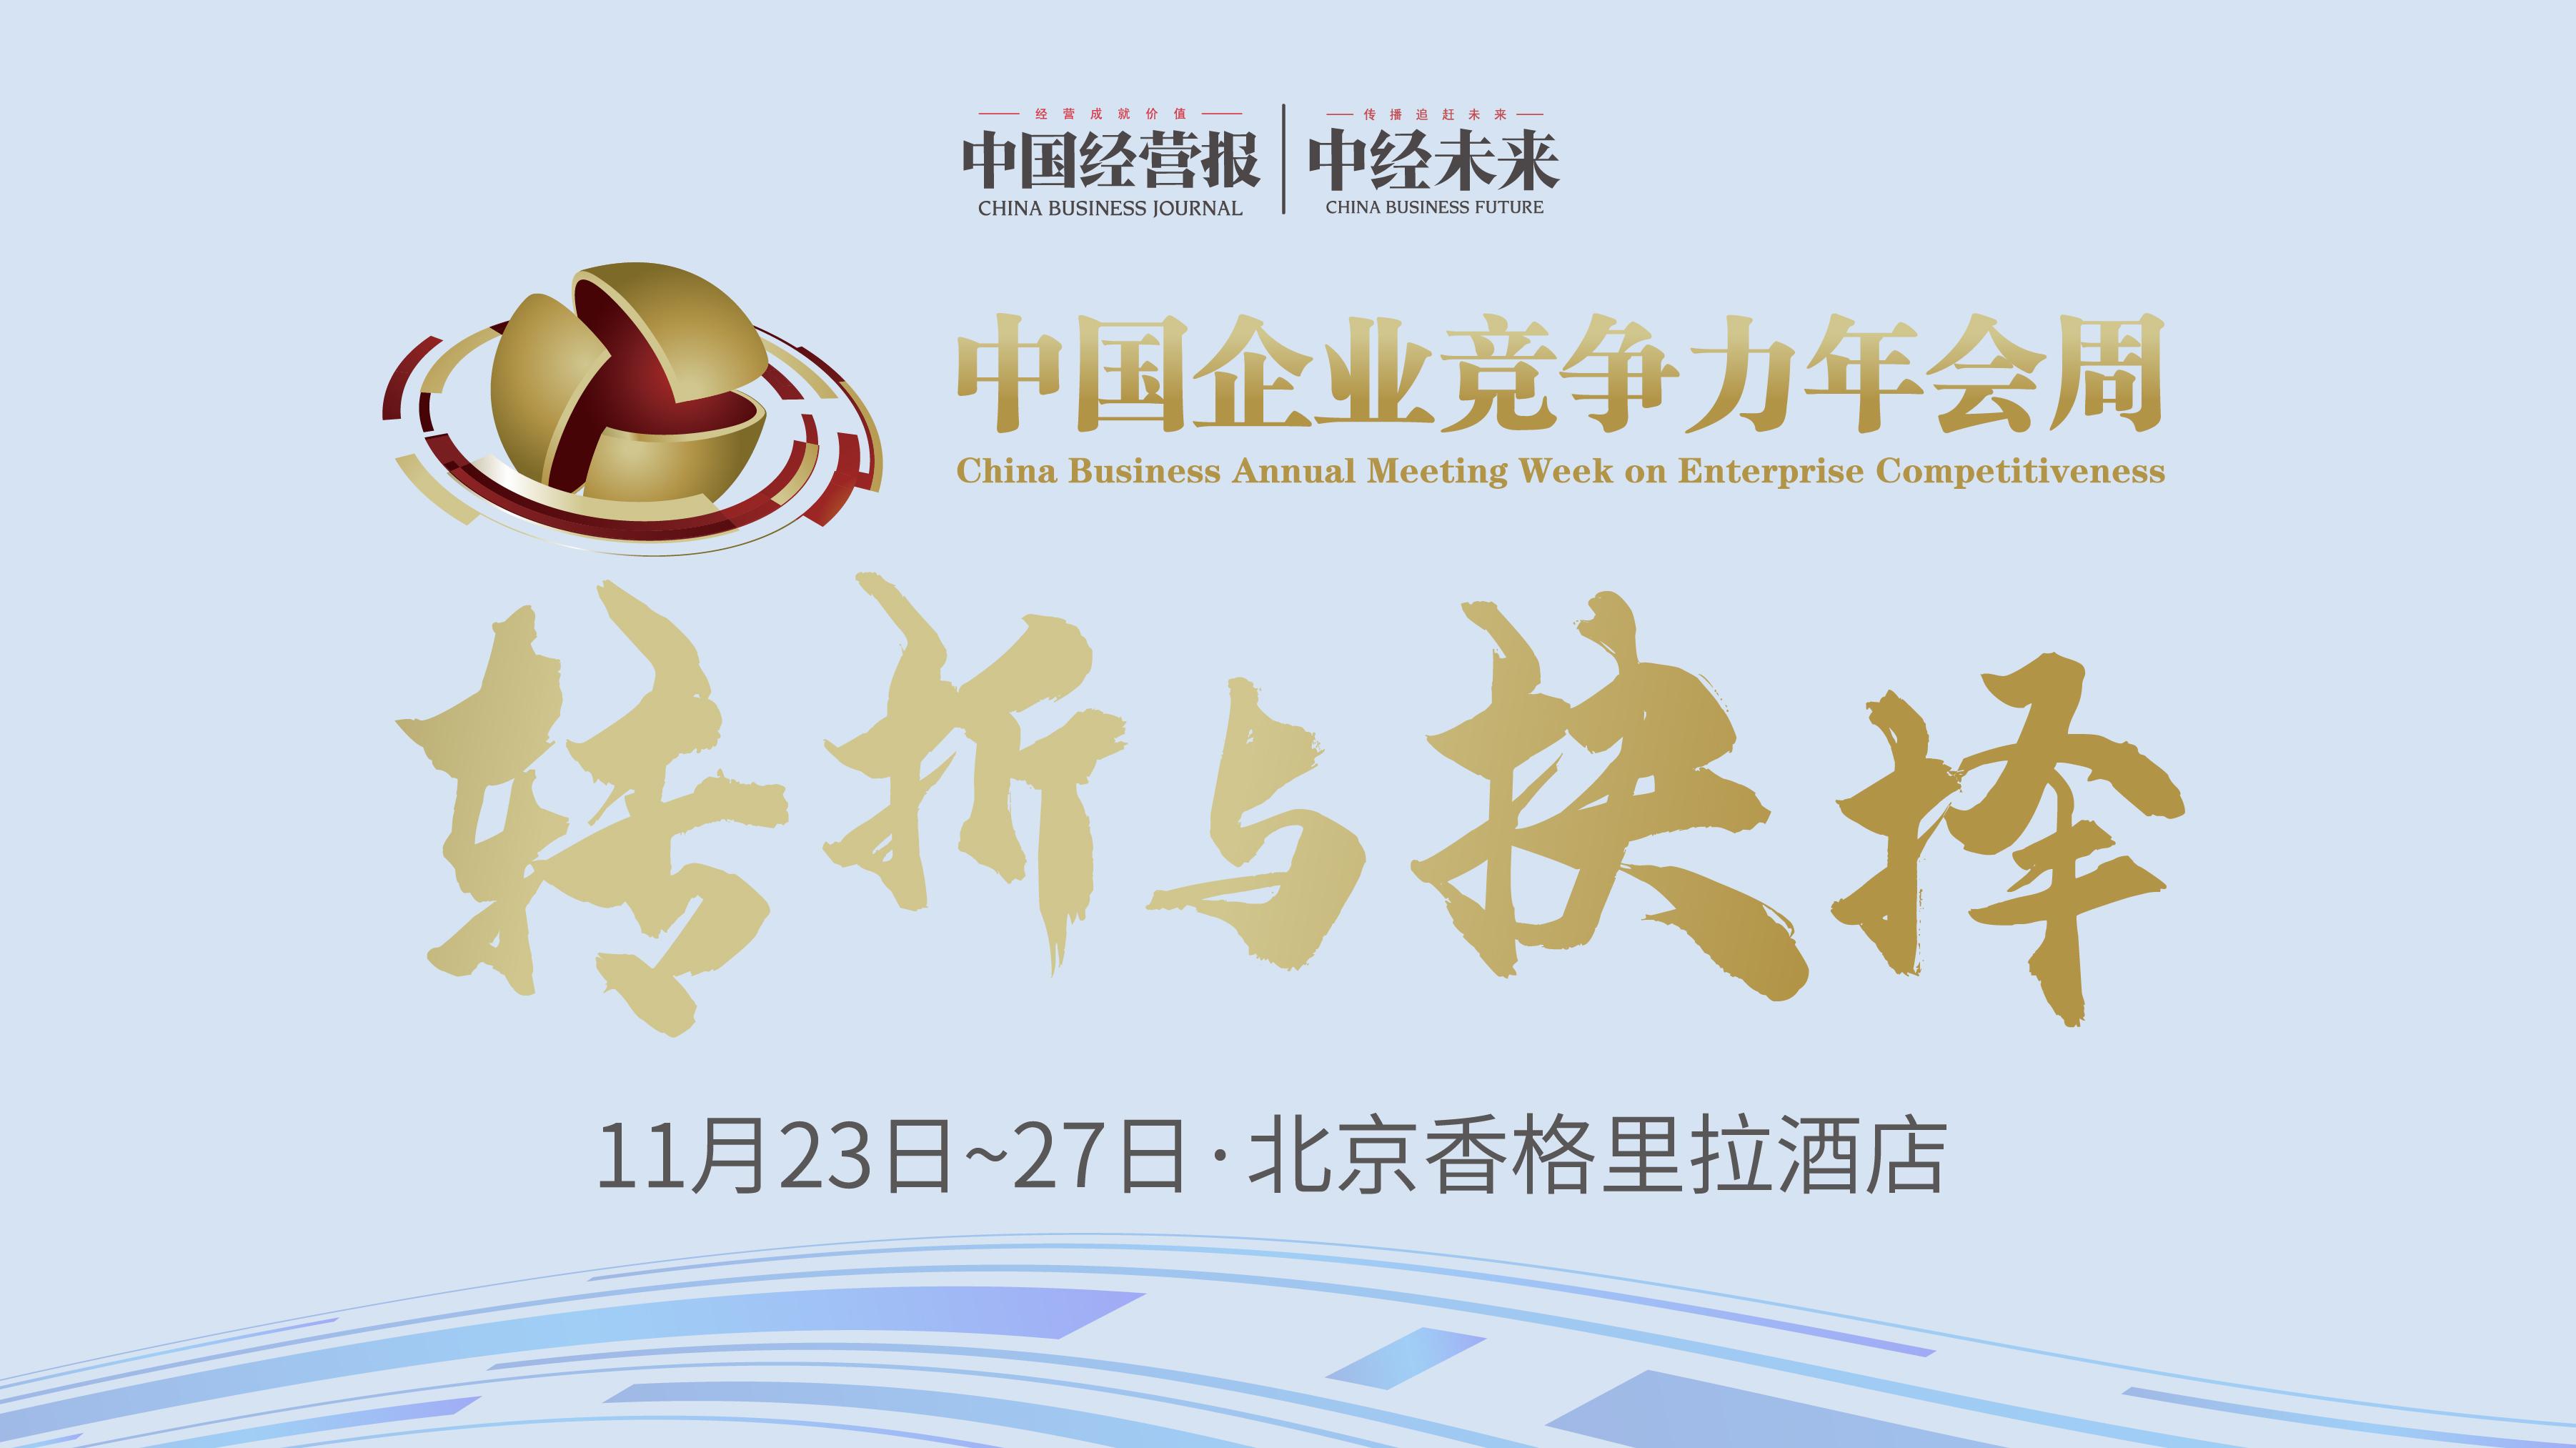 11月25日 2020中國城市運營與發展峰會:張玉良、方明富等演講